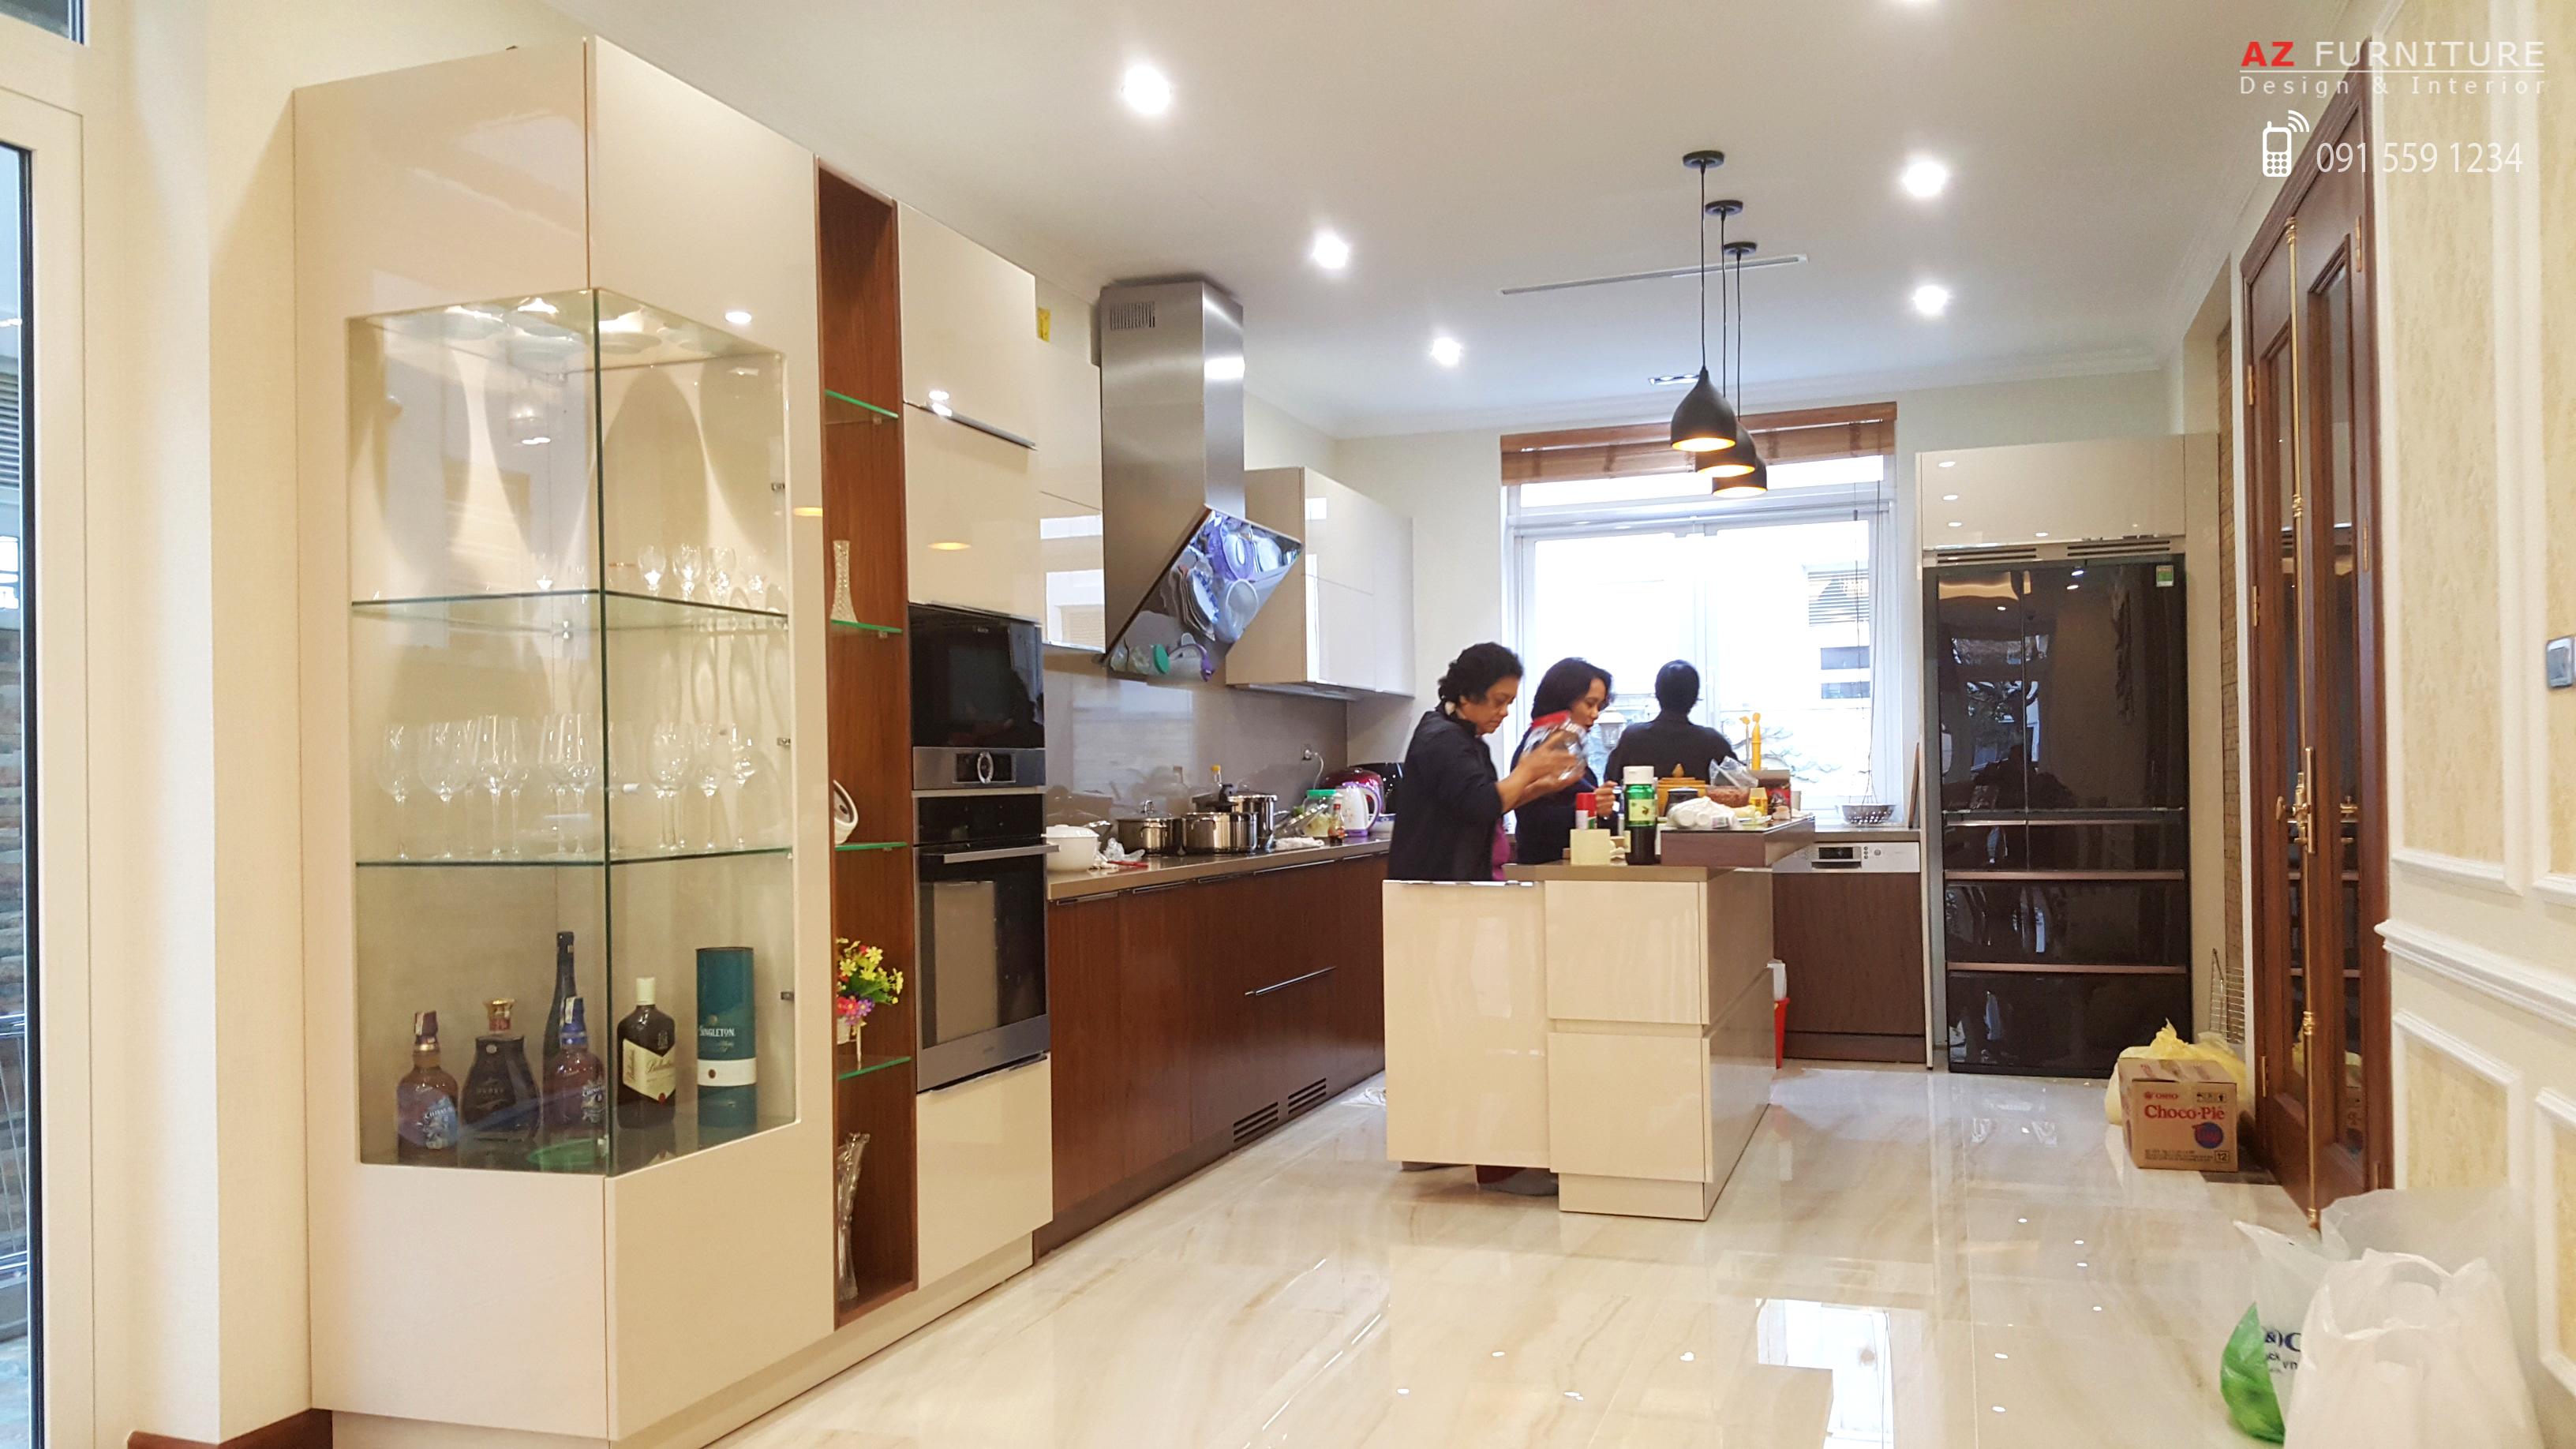 Thiết kế thi công nội thất bếp - Hotline: 091 559 1234